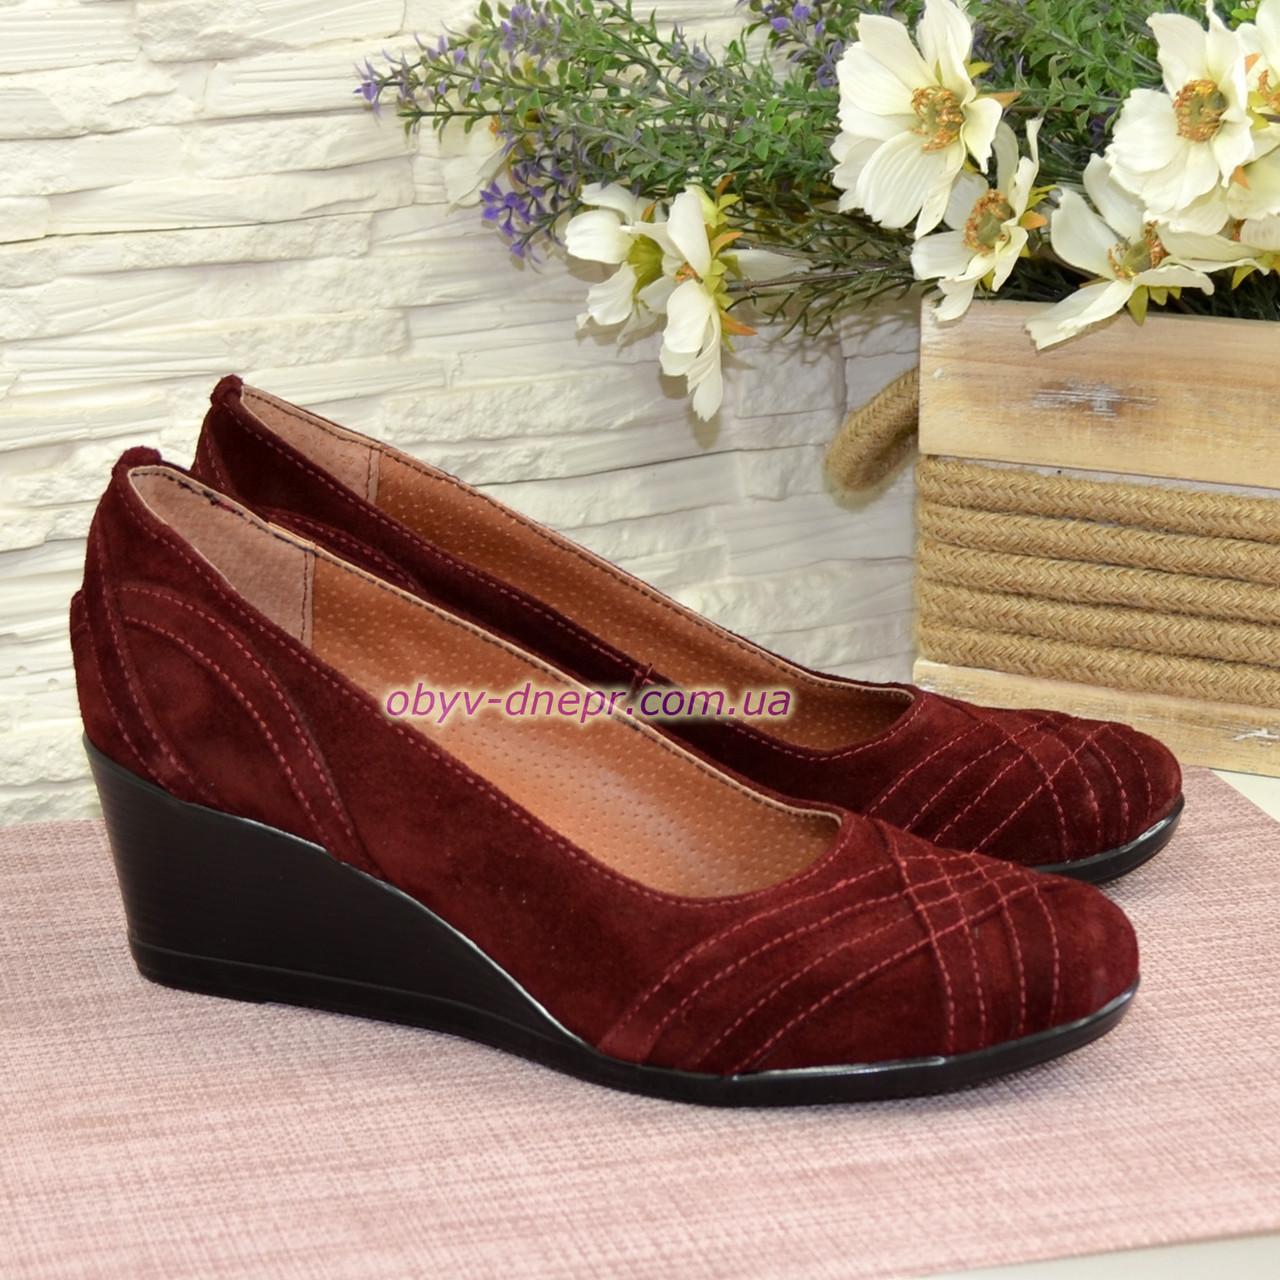 Туфлі жіночі замшеві на танкетці, колір бордо